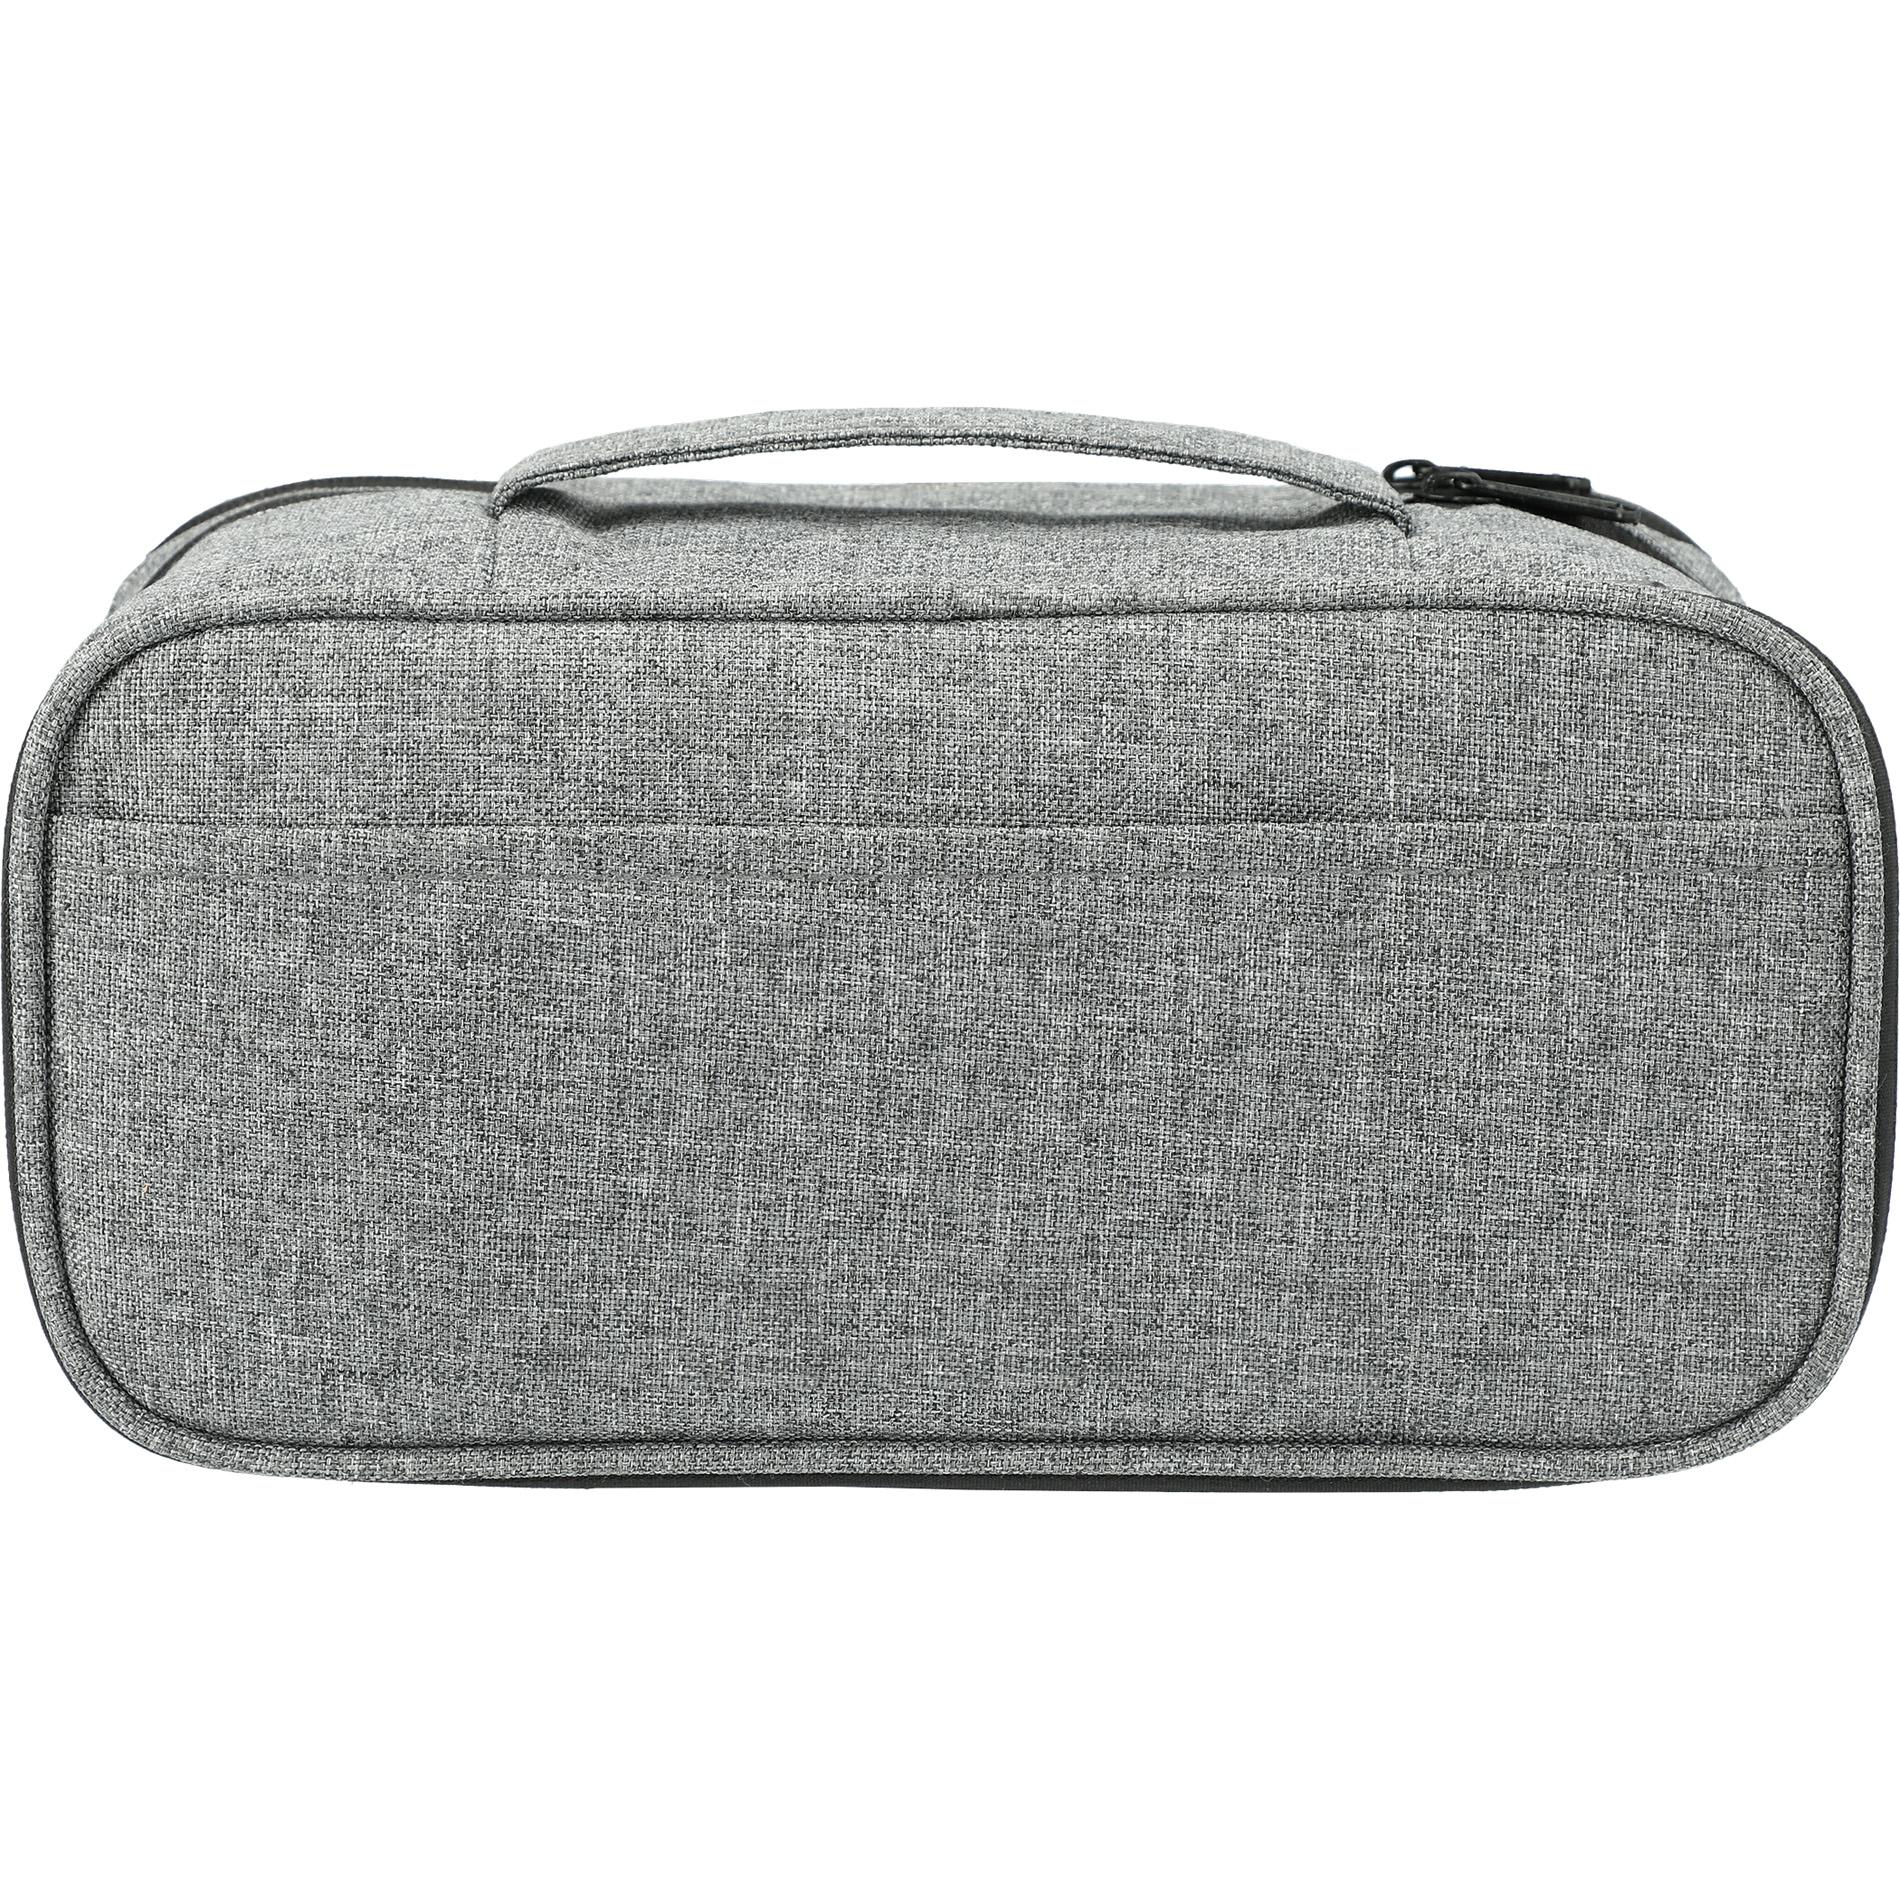 LEEDS 3450-97 - Deluxe Toiletry Bag